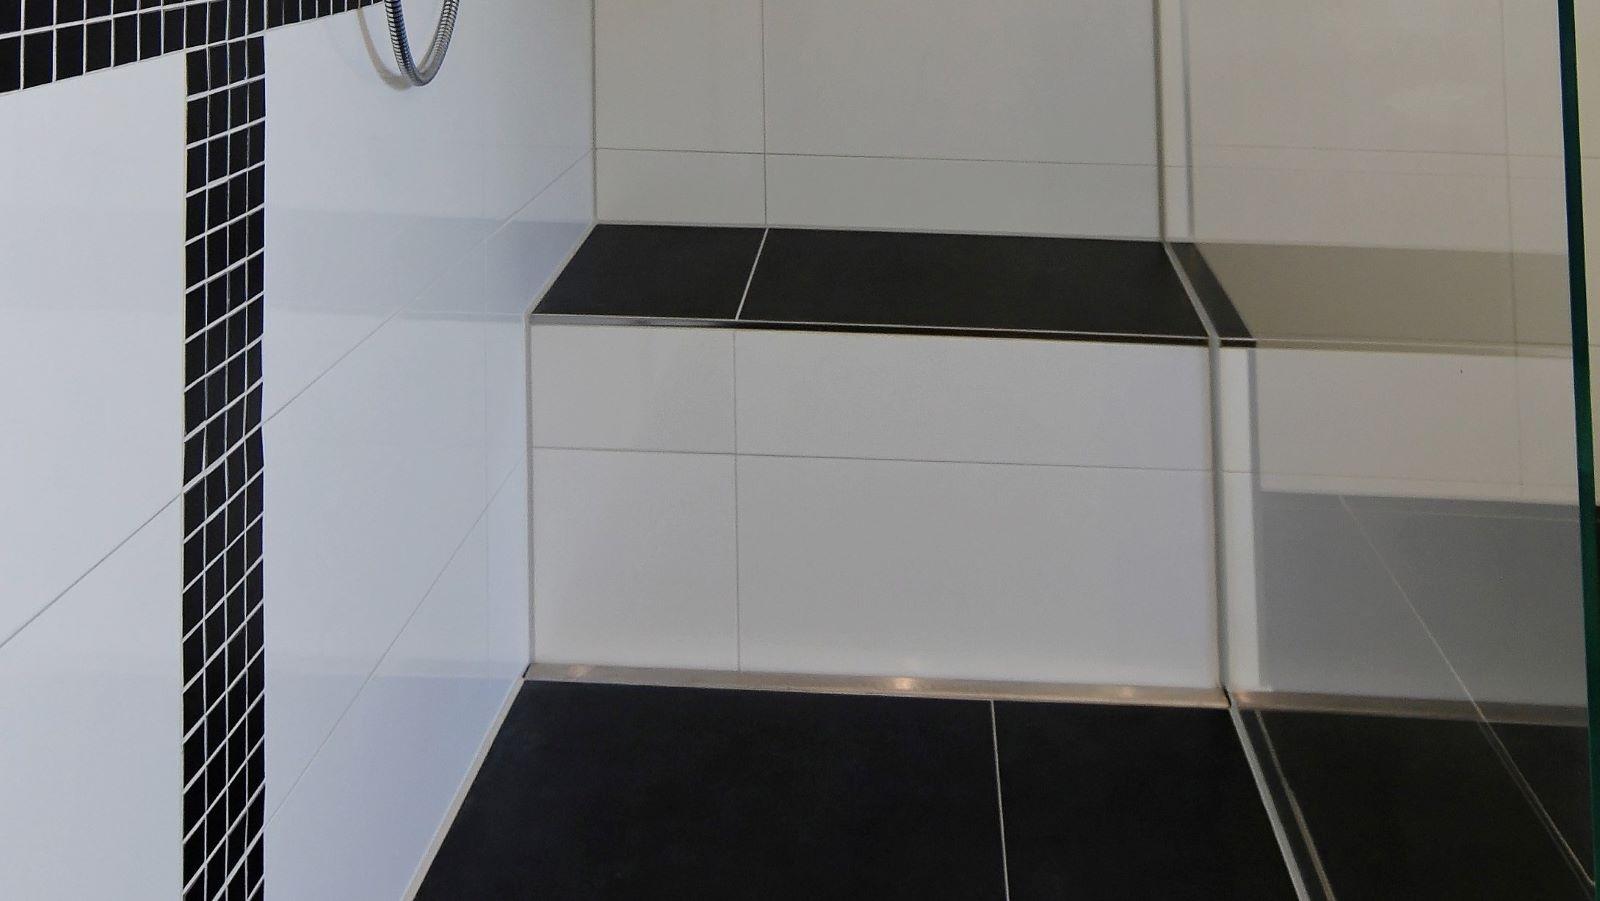 Massgefertigte hochwertige v4a edelstahl-duschrinne pro, direkt vor einer sitzbank eingebaut in bodengleicher dusche mit moderner optik. Grossflaechige bodenfliesen und die passend beflieste sitzbank direkt hinter der dezenten duschrinne pro sowie eine transparente glasduschwand machen diese pflegeleichte dusche zu einem blickfang. Die sehr hohe ablaufleistung der duschrinne pro traegt zur hohen funktionalitaet der dusche bei. In der hier gezeigten barrierefreien dusche wurde eine duschrinnen pro variante eingebaut, die optimal fuer diese dusche individuell gefertigt wurde.